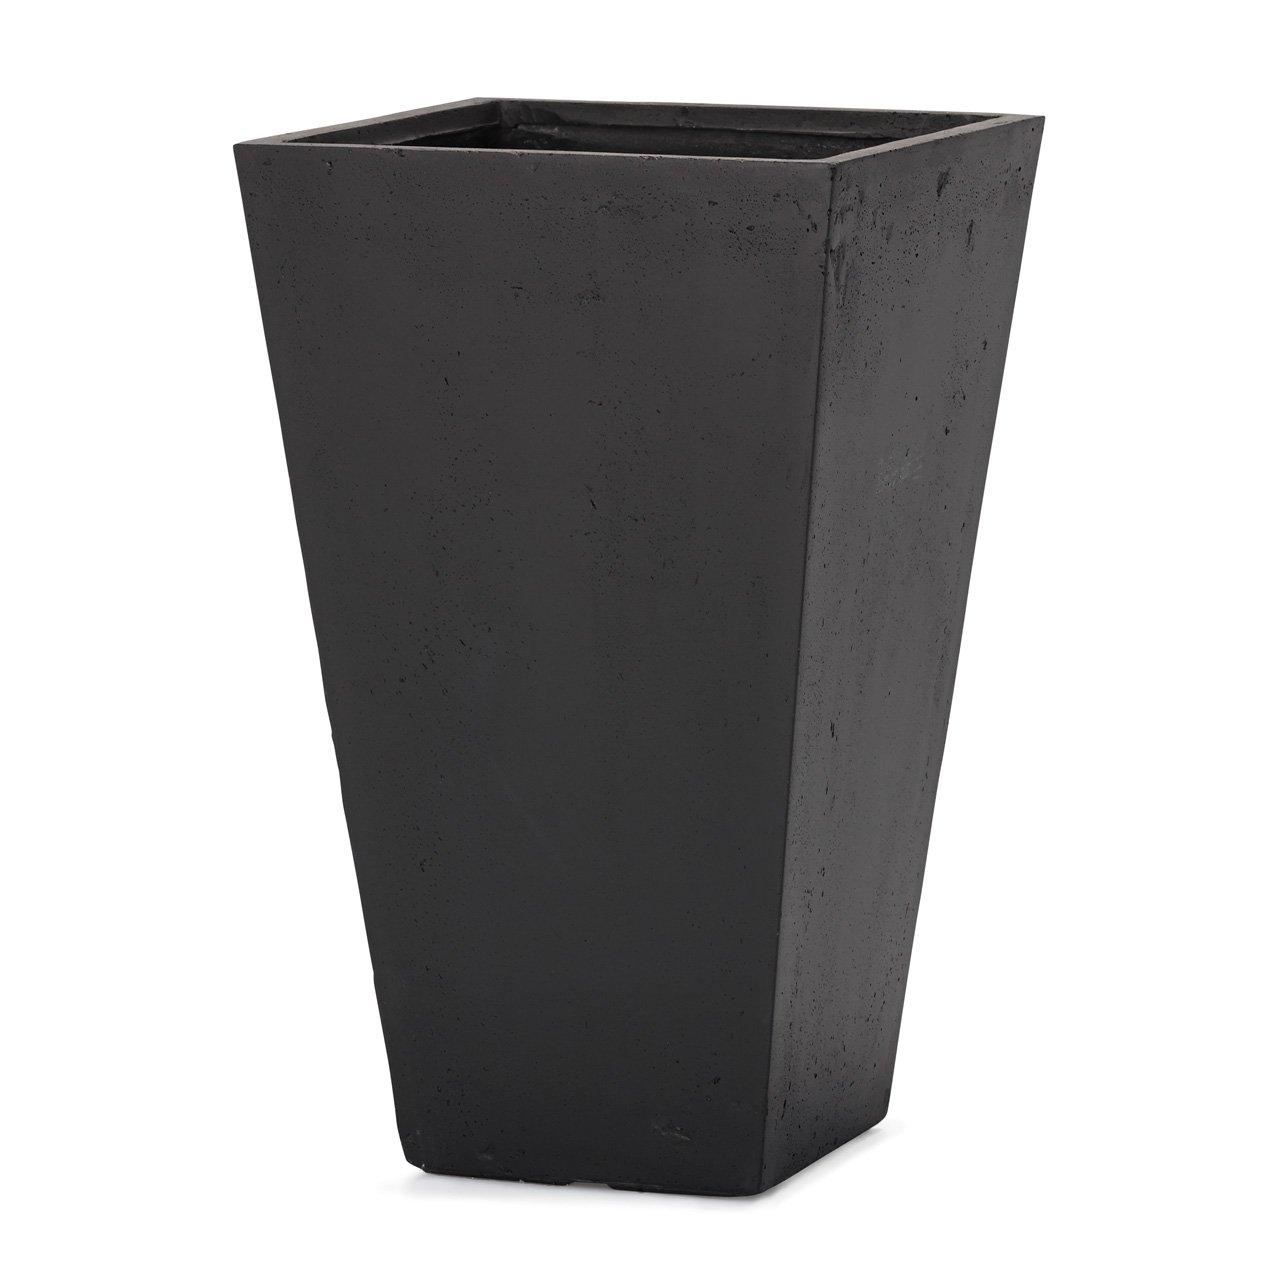 植木鉢 大型 ファイバークレイプロ ゼータ スクエアトール プランター ブラック B00L4ST2A6  ブラック